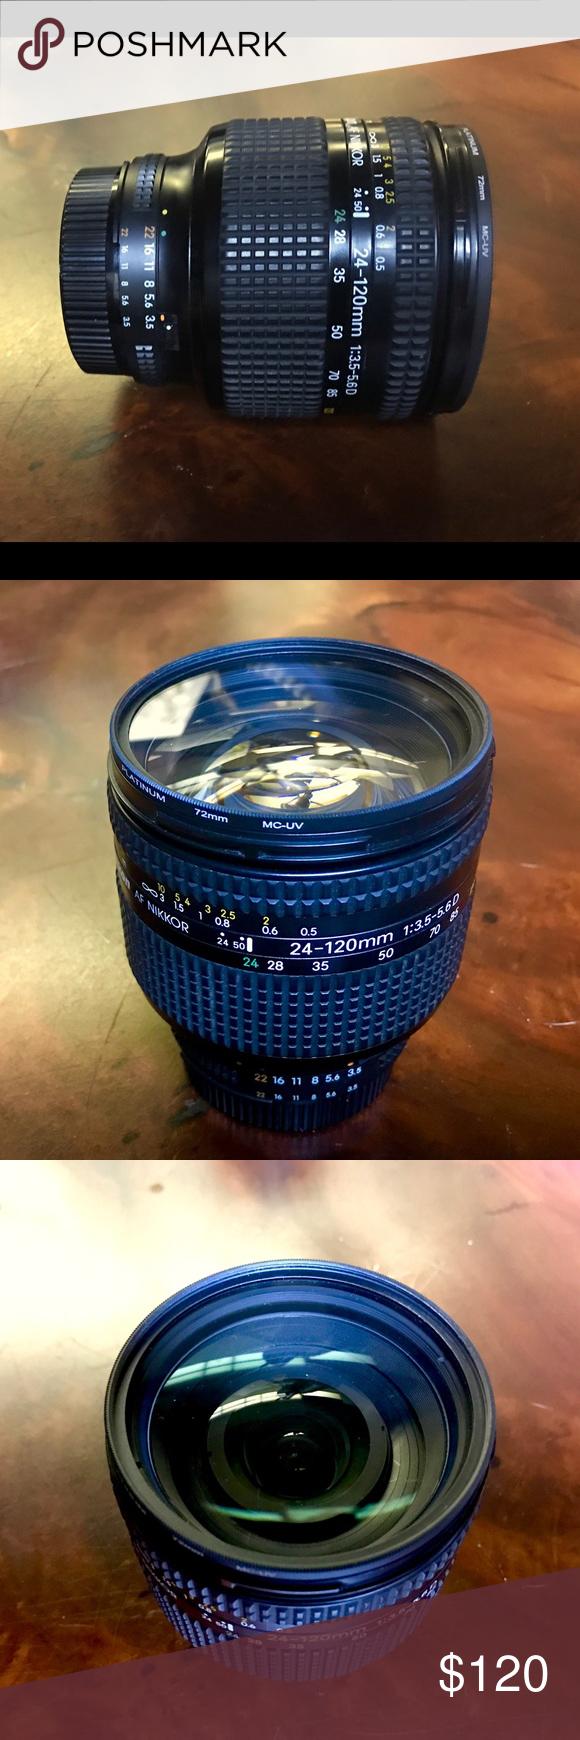 Nikon Af Nikkor Lens Nikon Af Nikkor Lens 24 120mm F 3 5 5 6 72 Degrees Angle A Soft Focus Filter Value At 50 00 Inc Nikon Accessories Lens Other Accessories